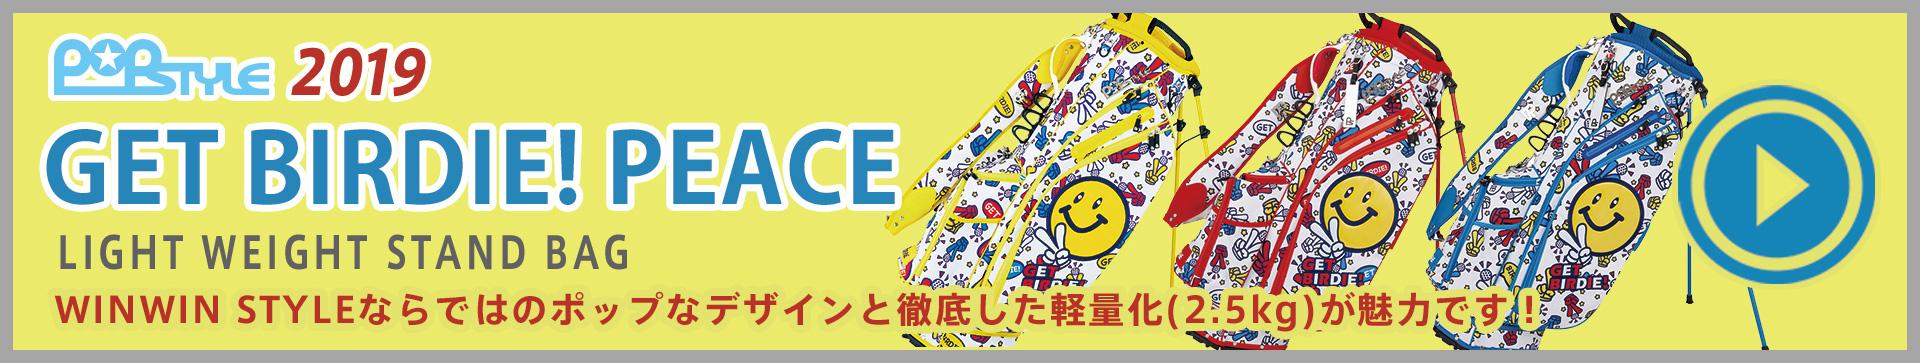 GET BIRDIE! PEACE